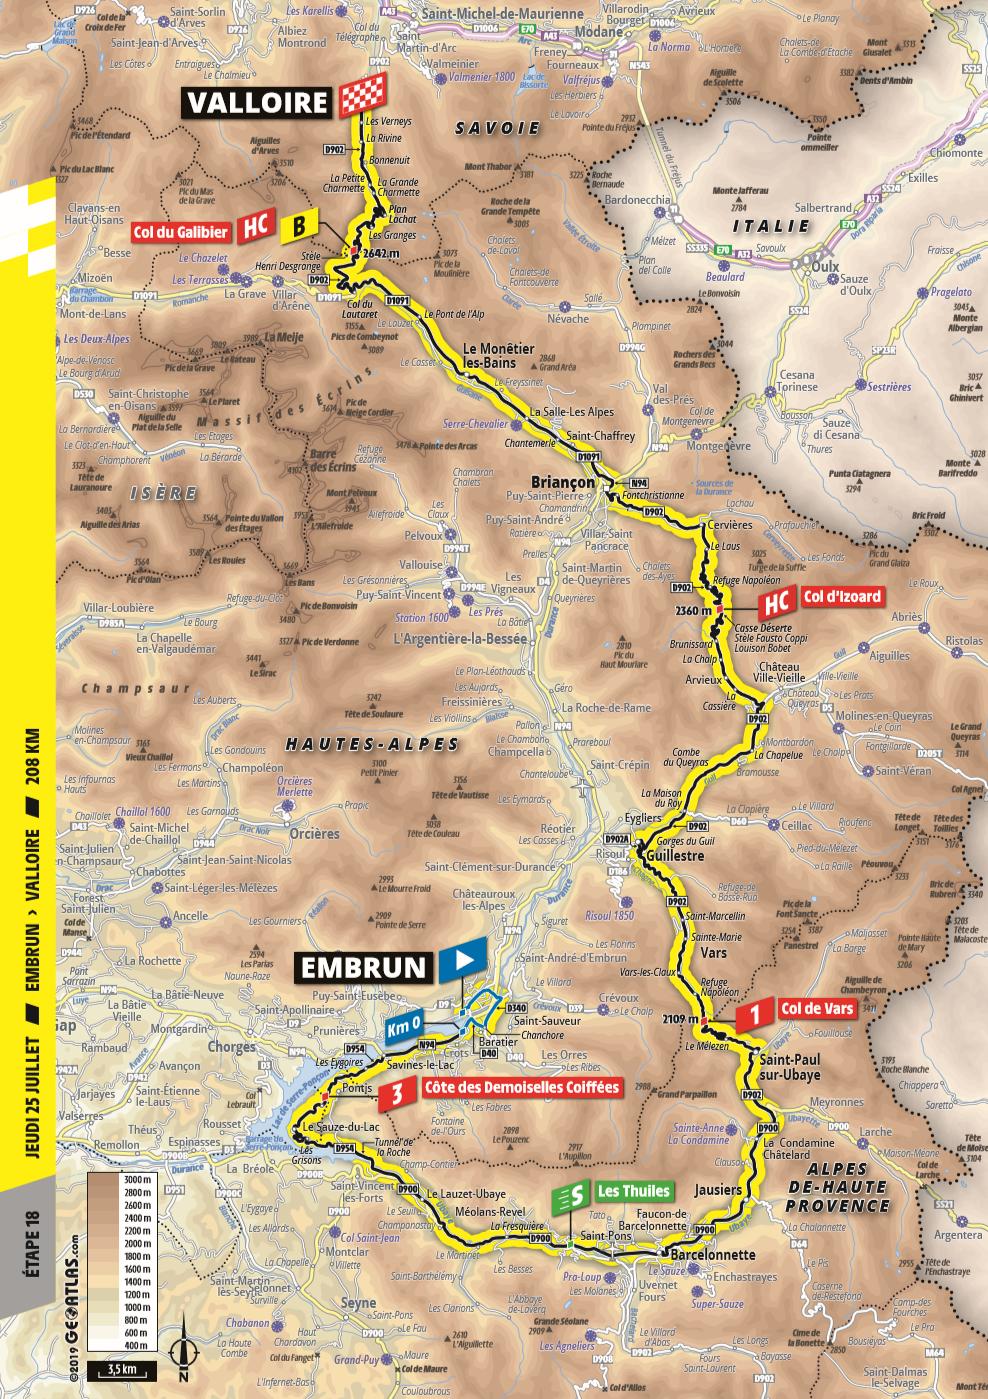 Tour de France 2019 - Page 21 19061902163130573